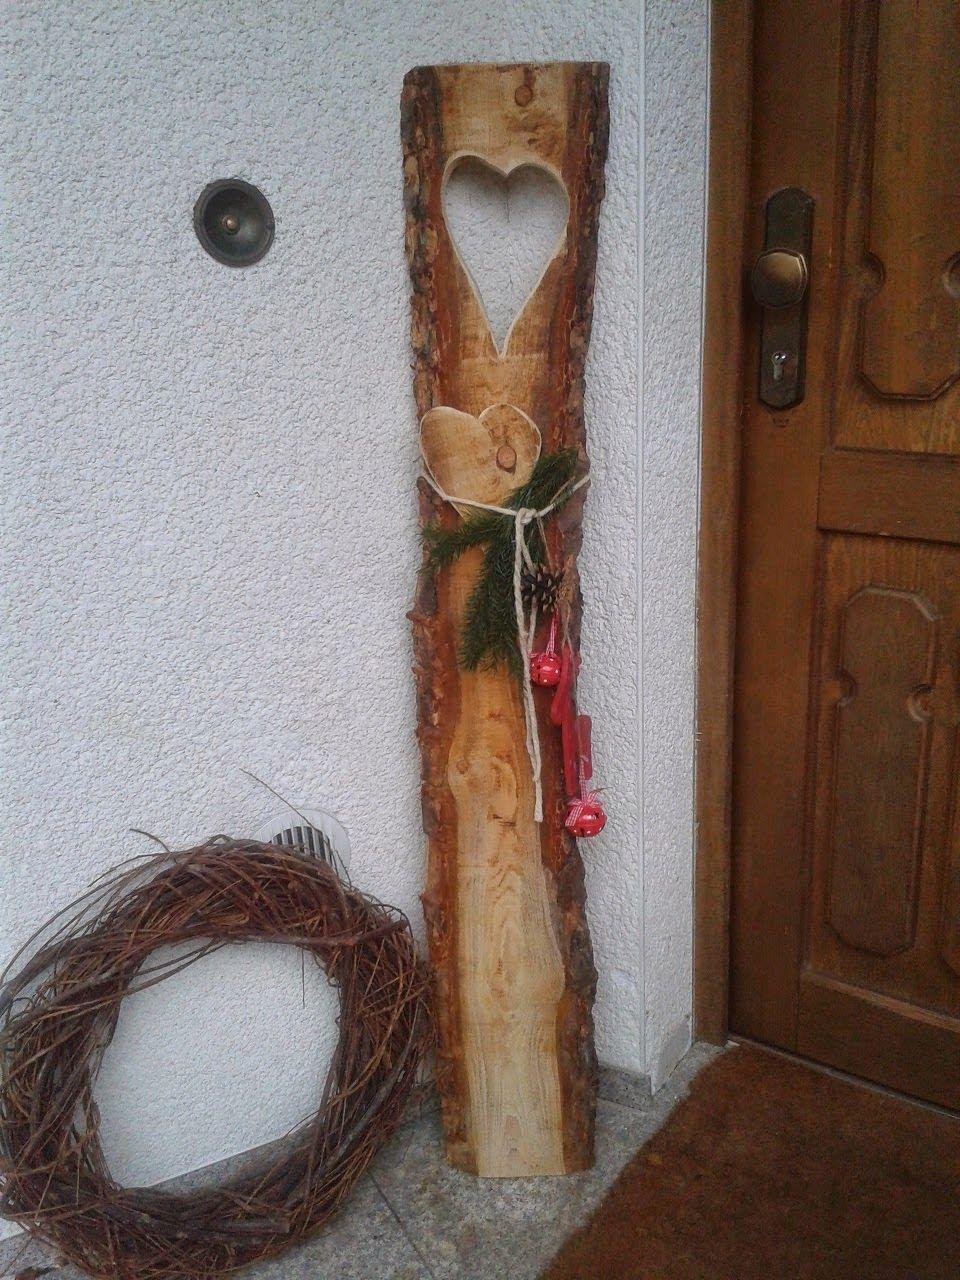 Holzdeko für Weihnachten | crafts 2 | Pinterest | Christmas ...